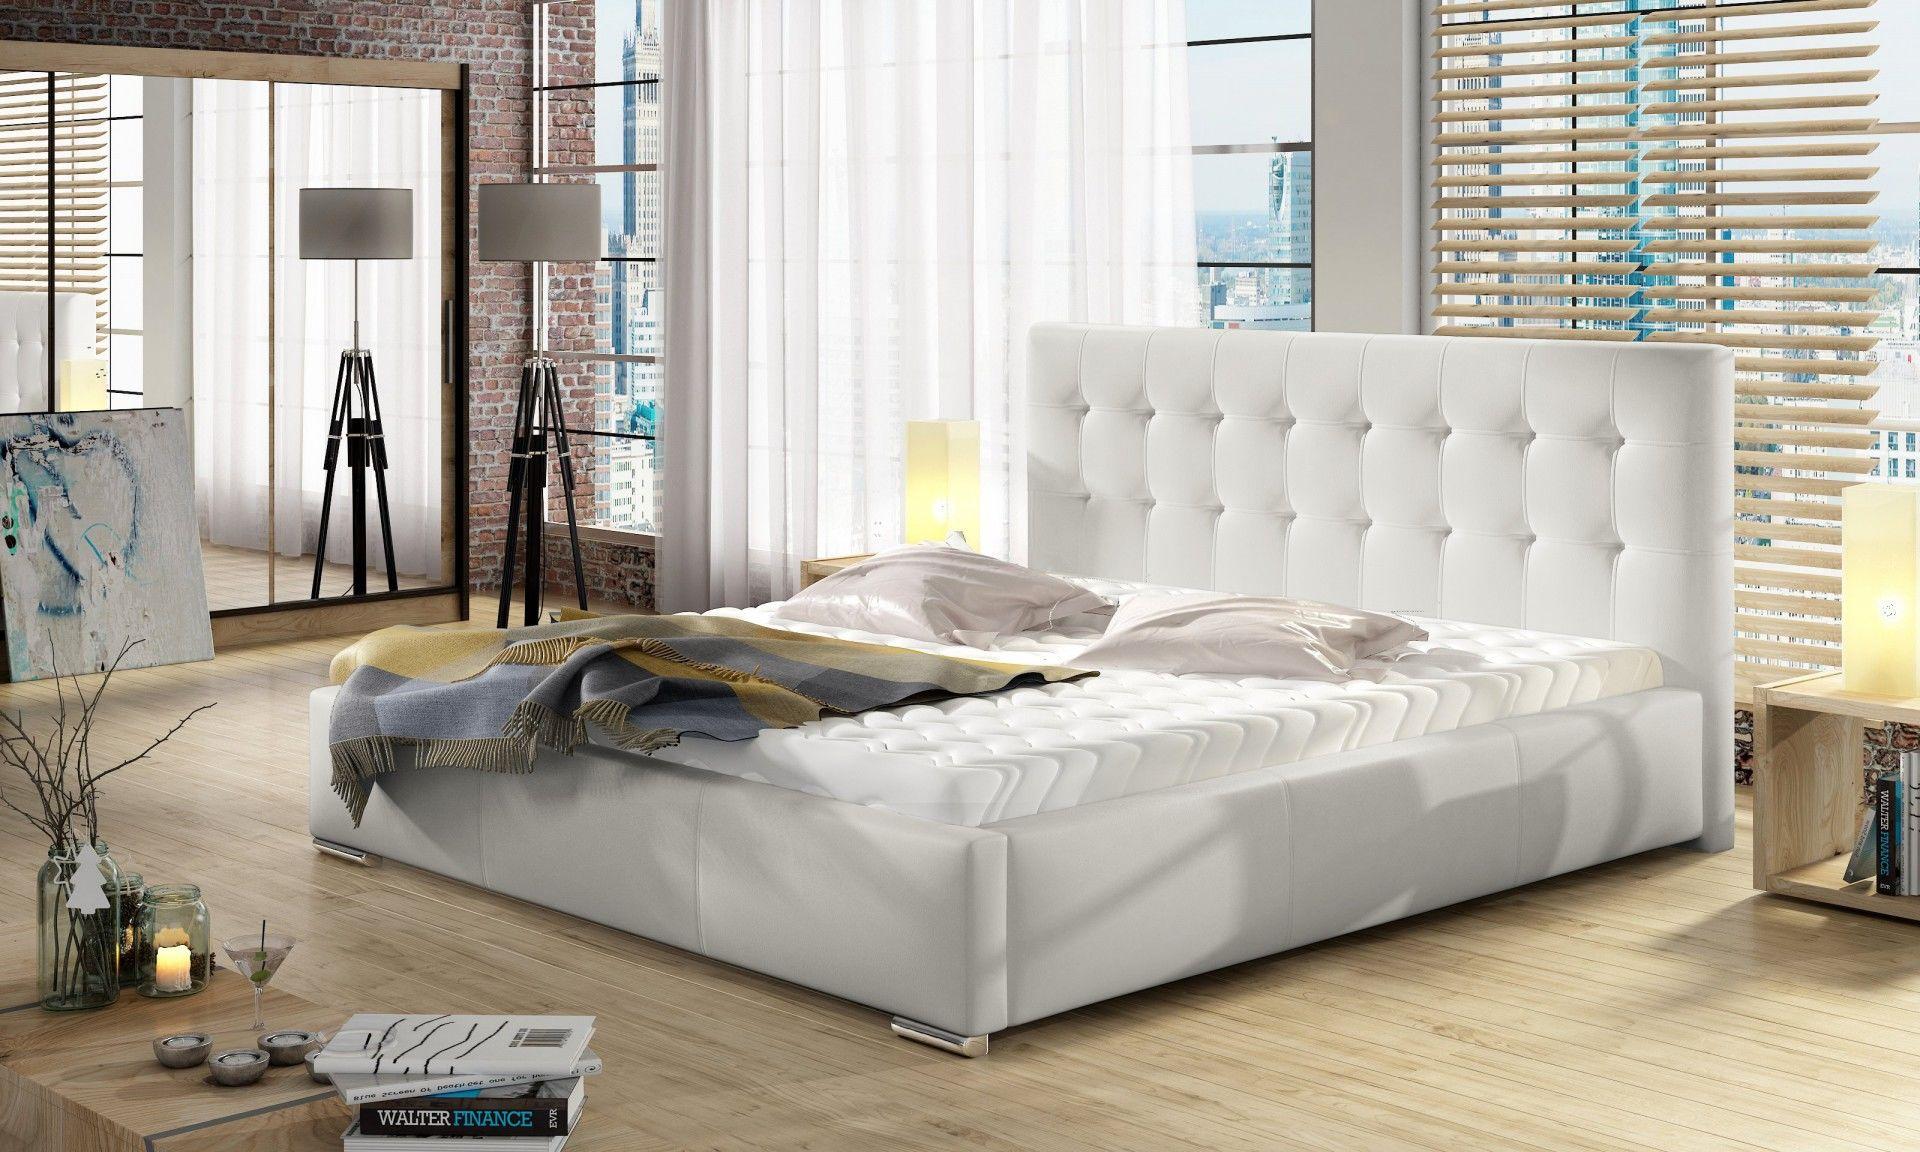 Łóżko  DOLORES pod materac 200x200 +wysoki materac  kieszeniowy SOGNATO + stelaż Simpack